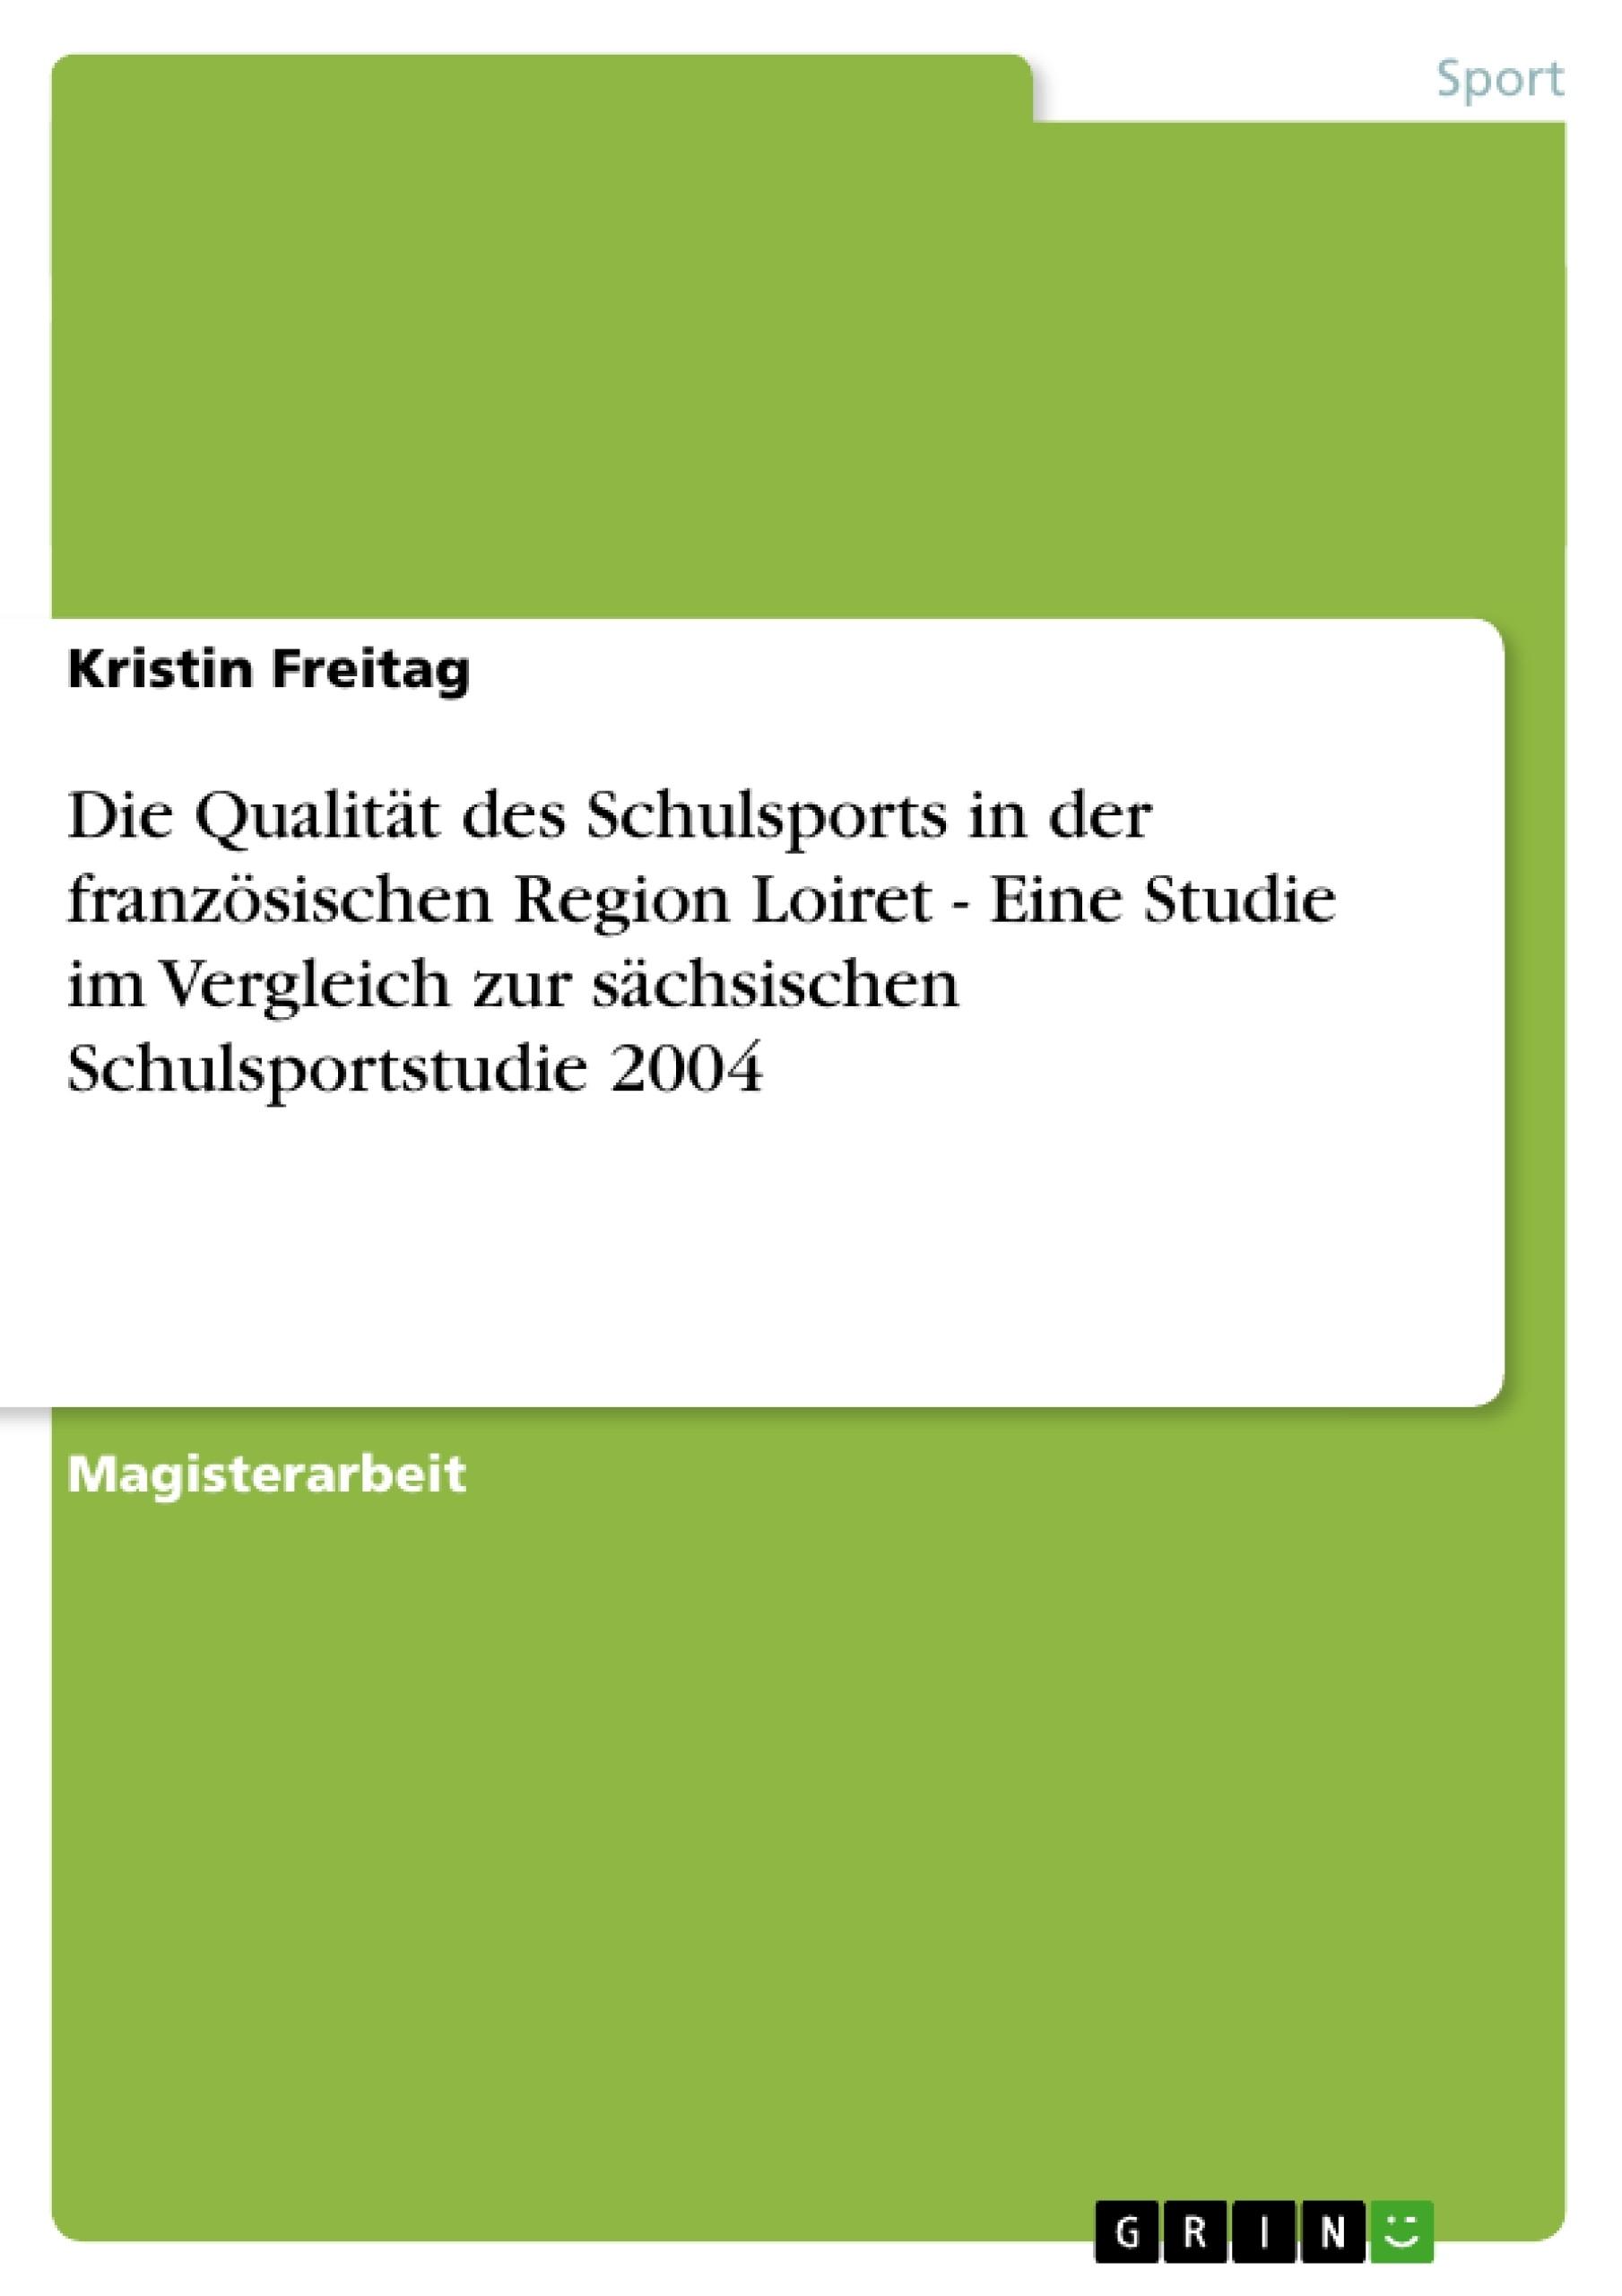 Titel: Die Qualität des Schulsports in der französischen Region Loiret - Eine Studie im Vergleich zur sächsischen Schulsportstudie 2004